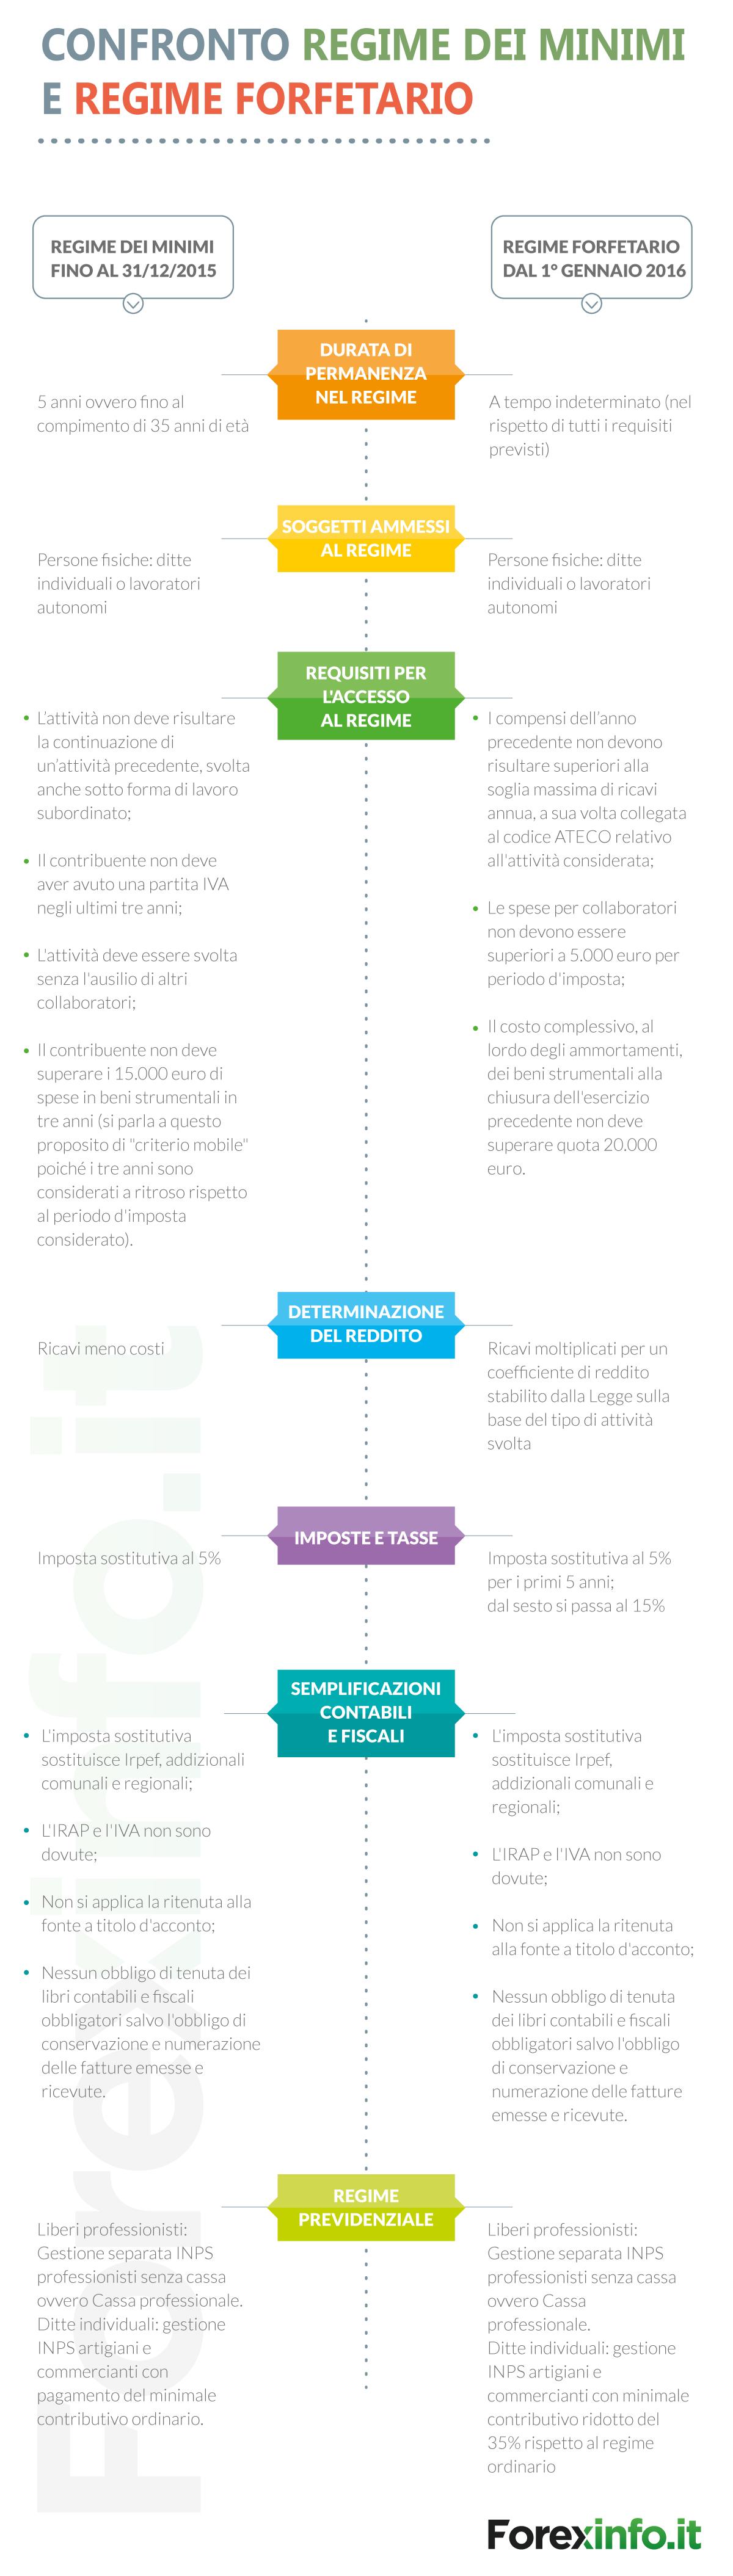 Partita IVA, regime dei minimi o regime forfetario: quale conviene?